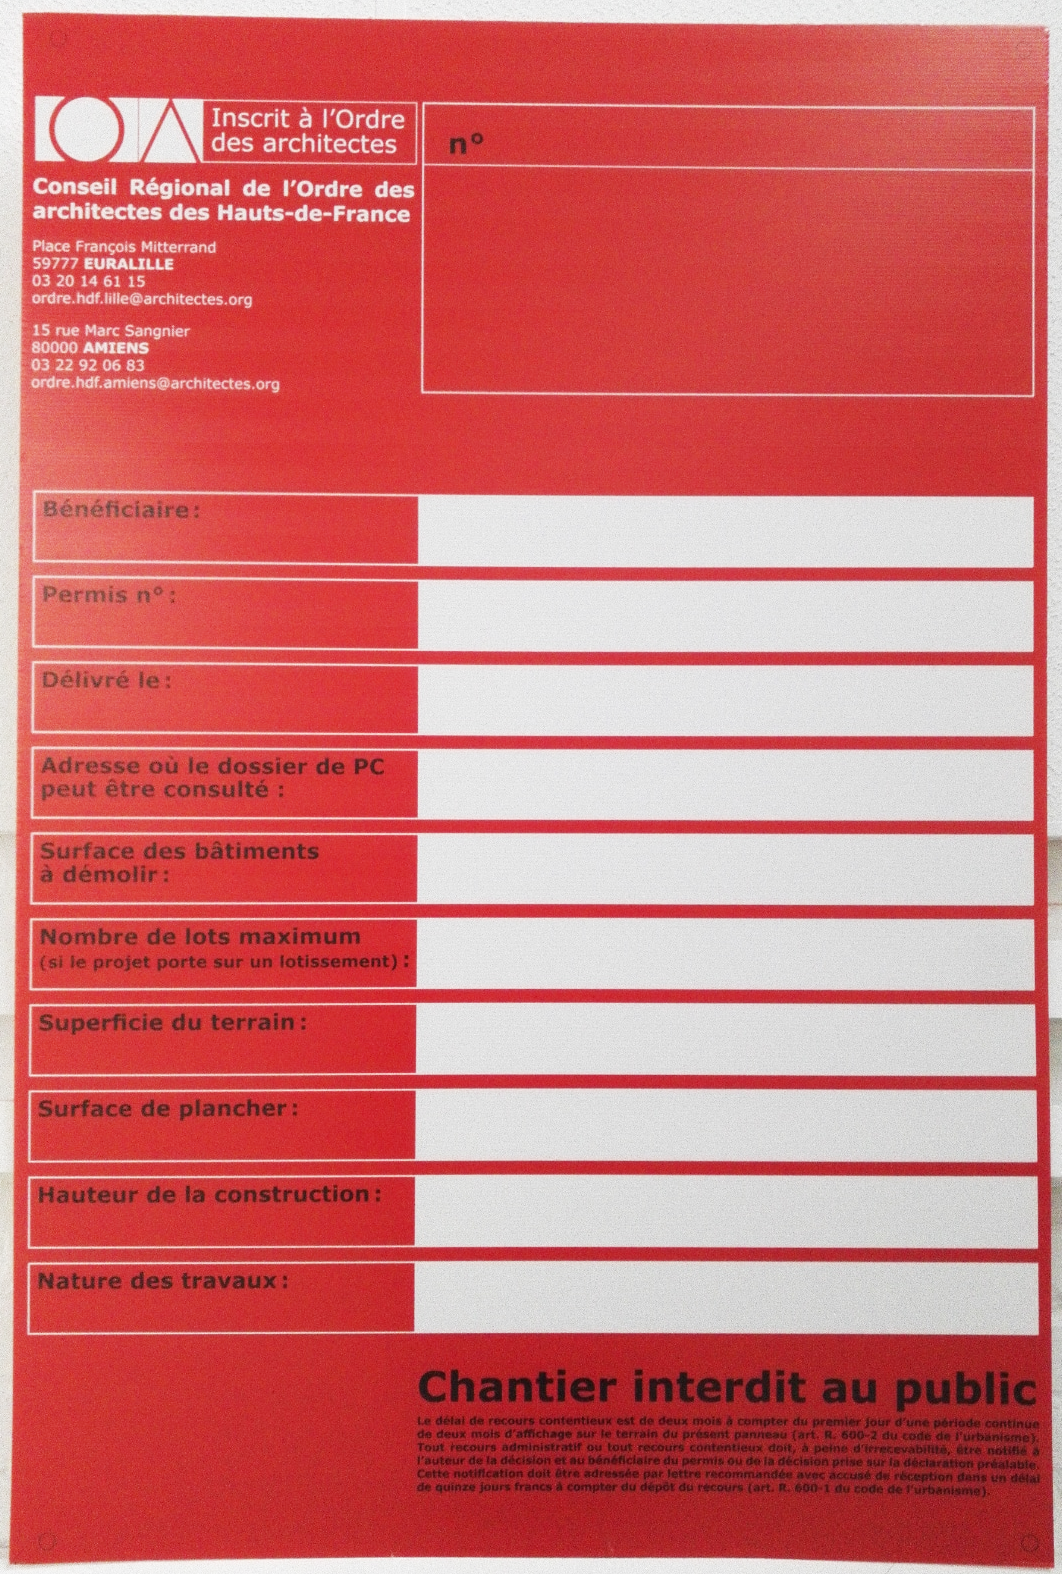 Ordre Des Architectes Amiens les panneaux de pc et de chantier sont disponibles au croa